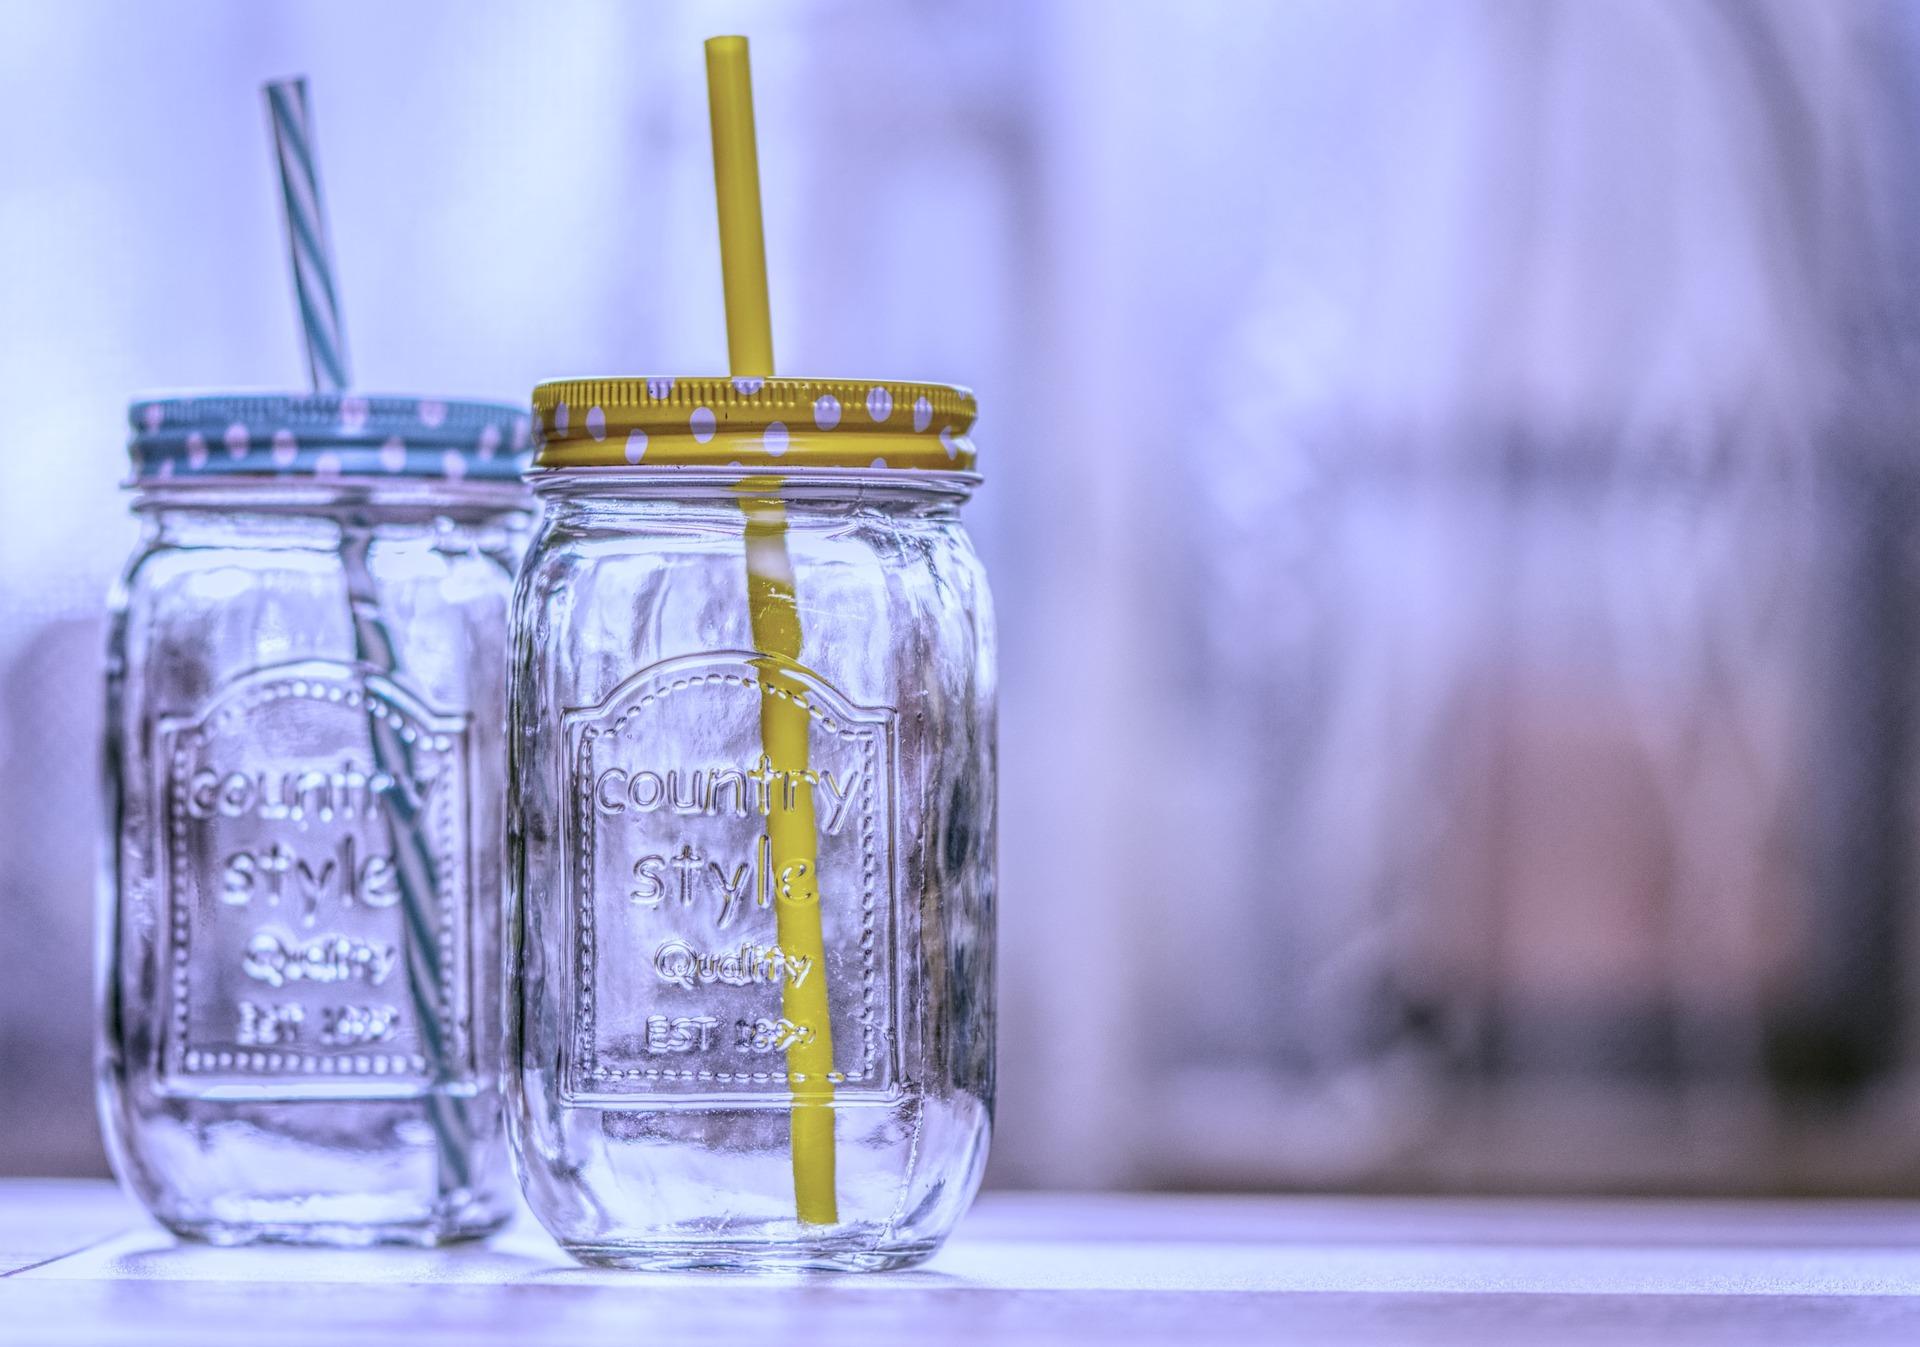 塑膠吸管禁用政策將上路,看消費者關心的4大面向及痛點